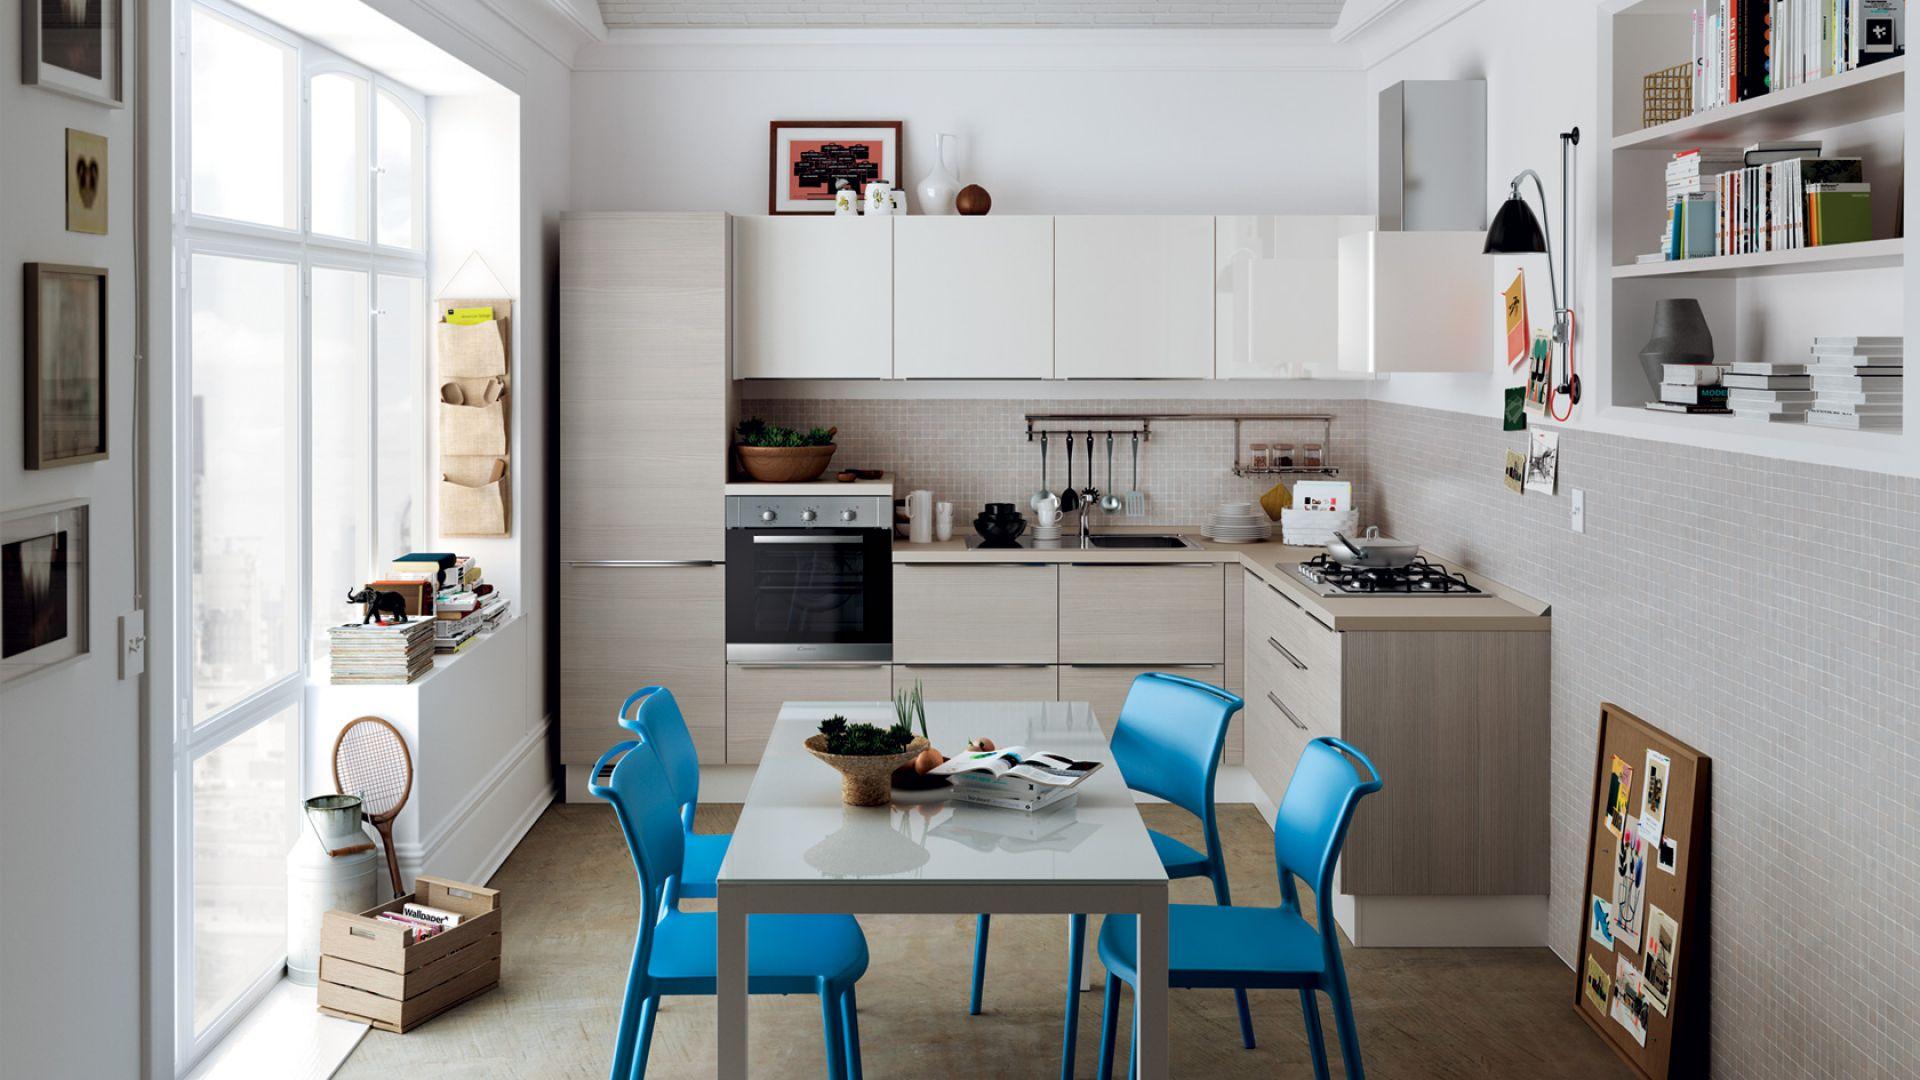 Kuchnia zaaranżowana w kształcie litery L, jest pojemna i wygodna w użytkowaniu. Stół ustawiony na środku nie blokuje komunikacji w pomieszczeniu. Fot. Scavolini